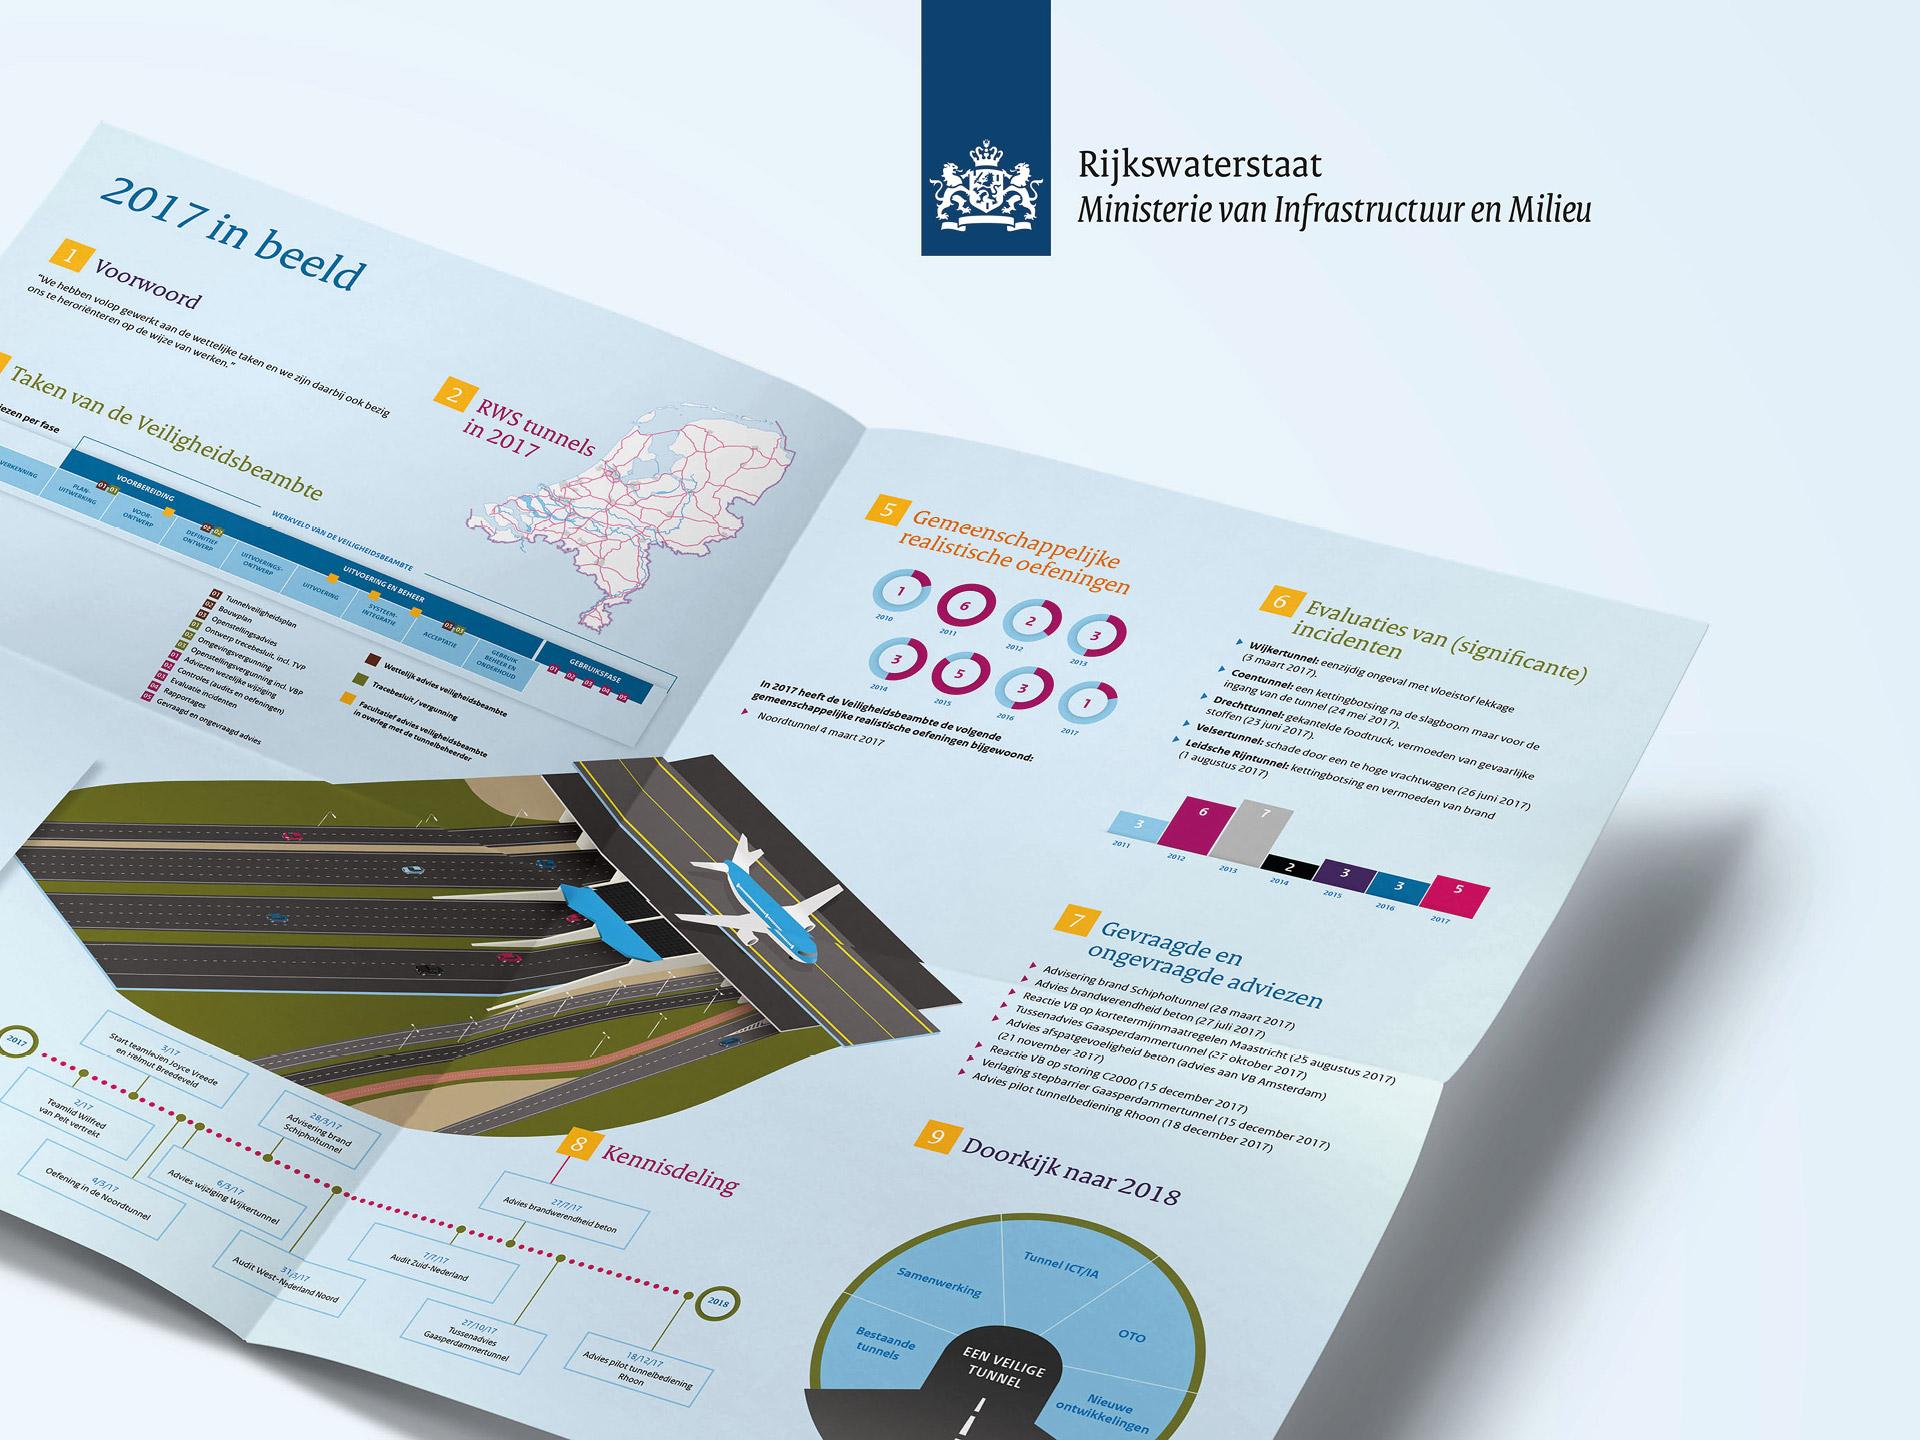 Rijkswaterstaat jaarverslag